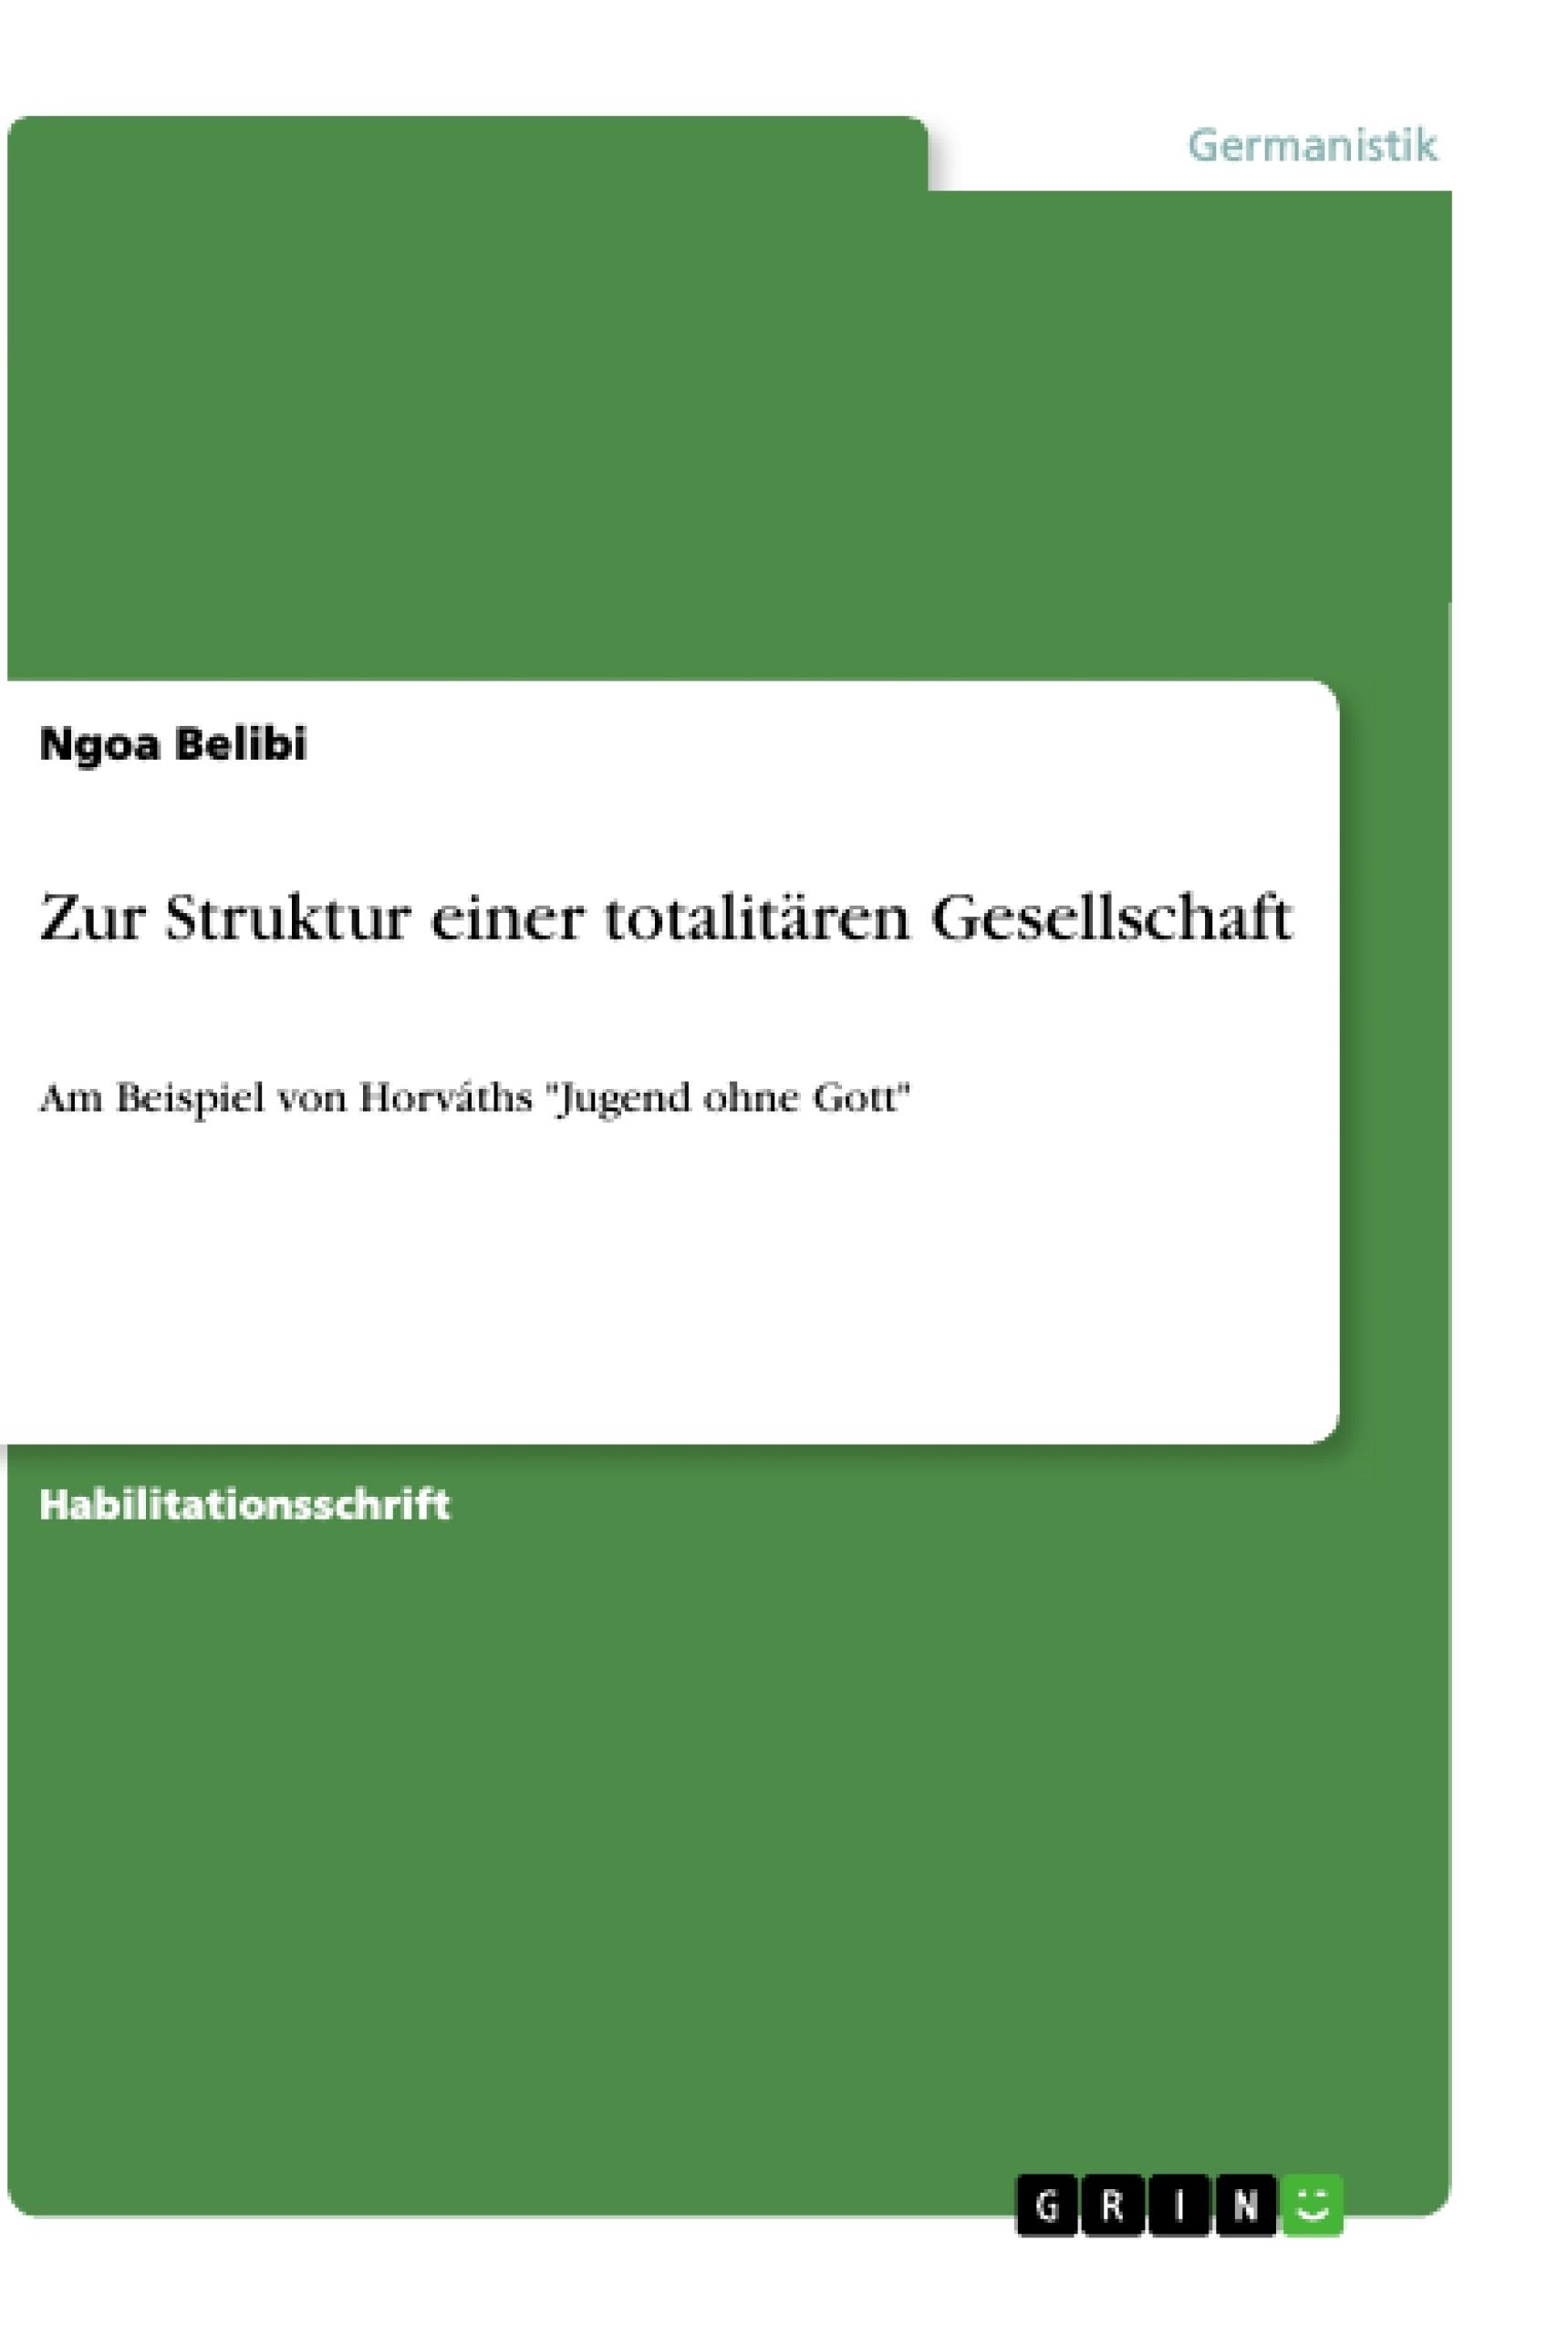 Titel: Zur Struktur einer totalitären Gesellschaft